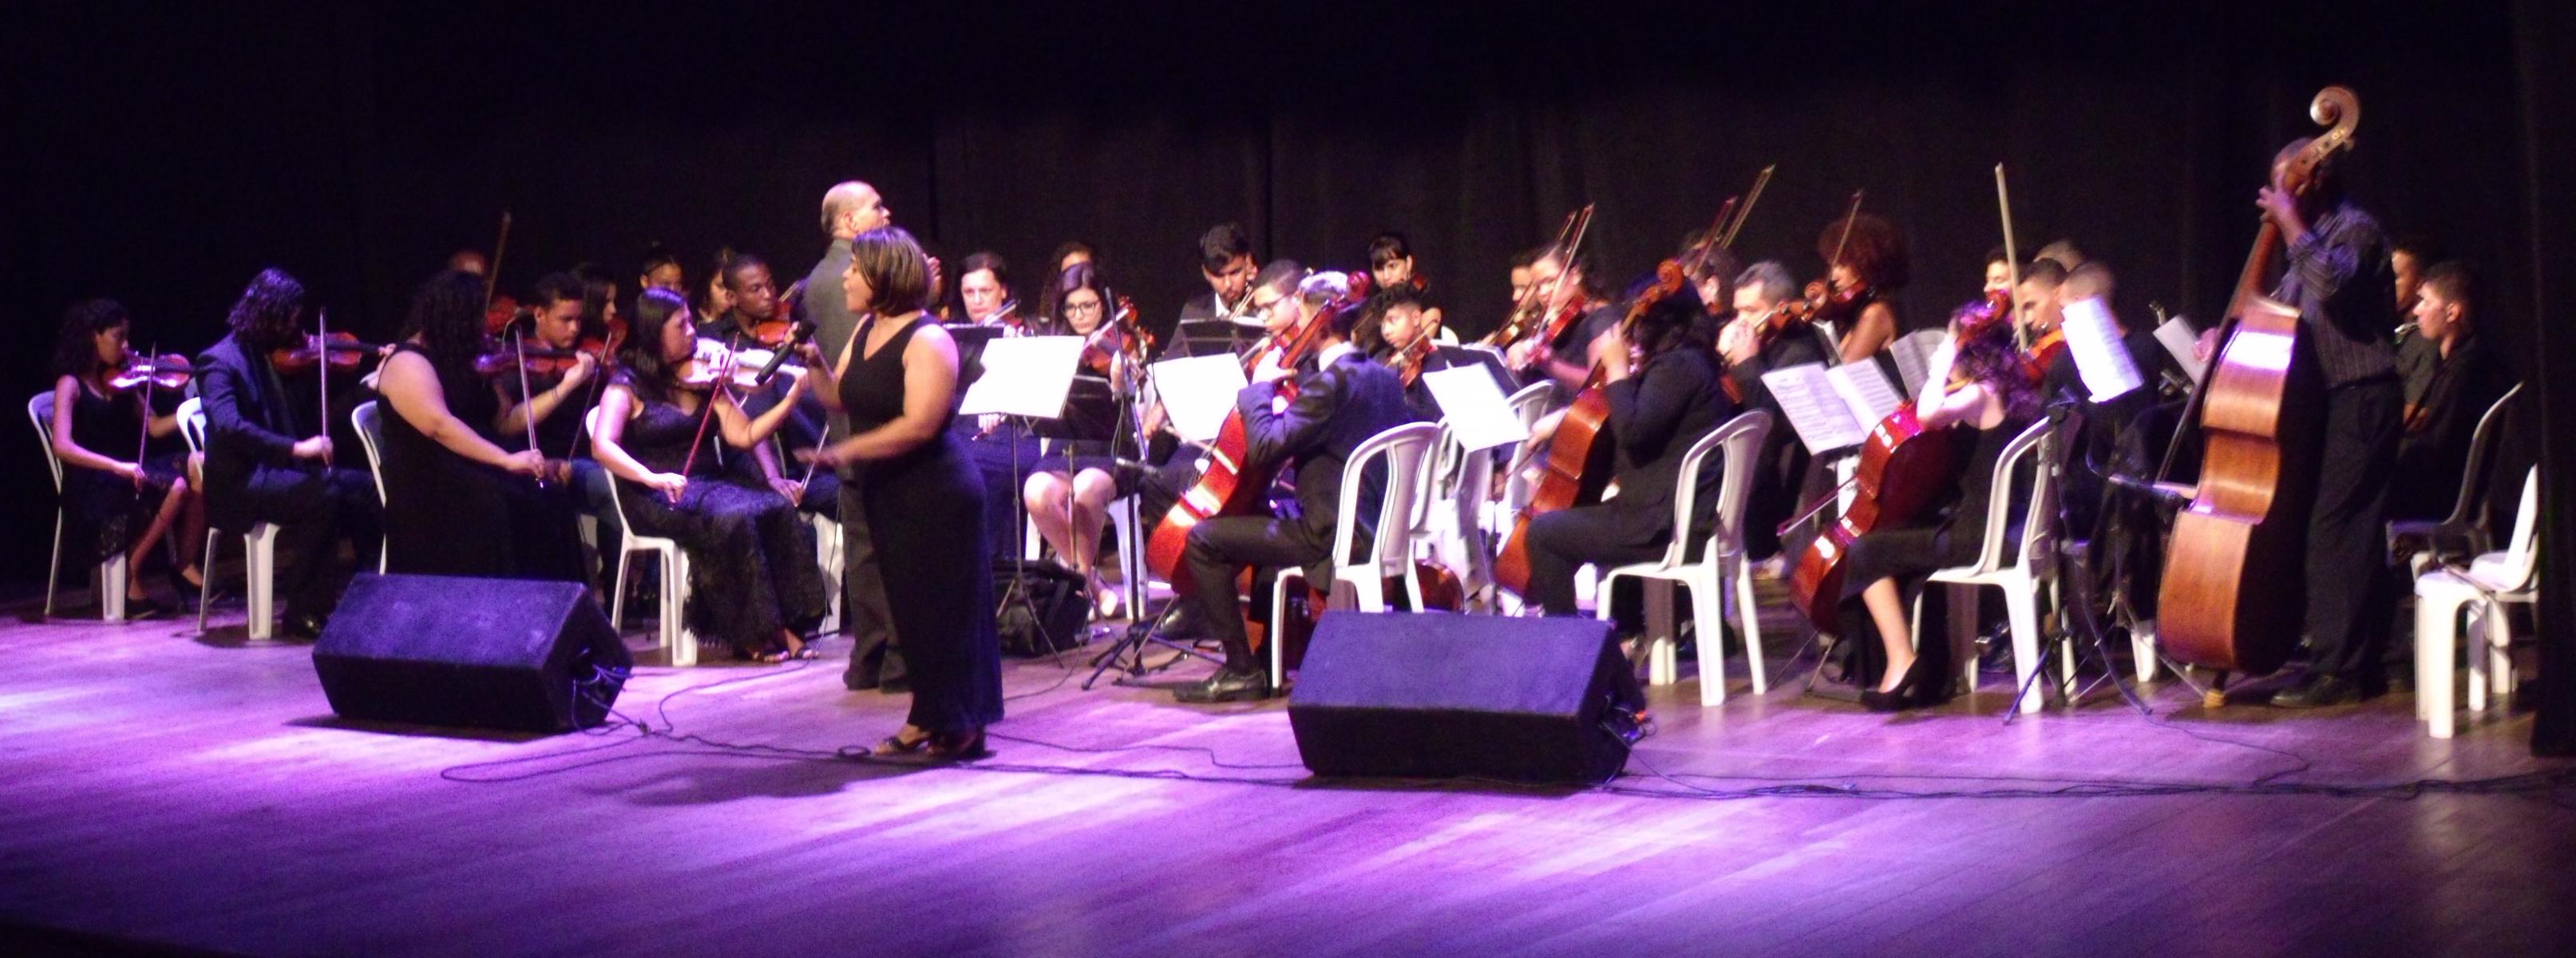 A Orquestra Sinfônica da Baixada Fluminense e Jaildes Amorim apresentaram um clássico de Pixinguinha. Foto: Douglas Mota/BaixadaZine